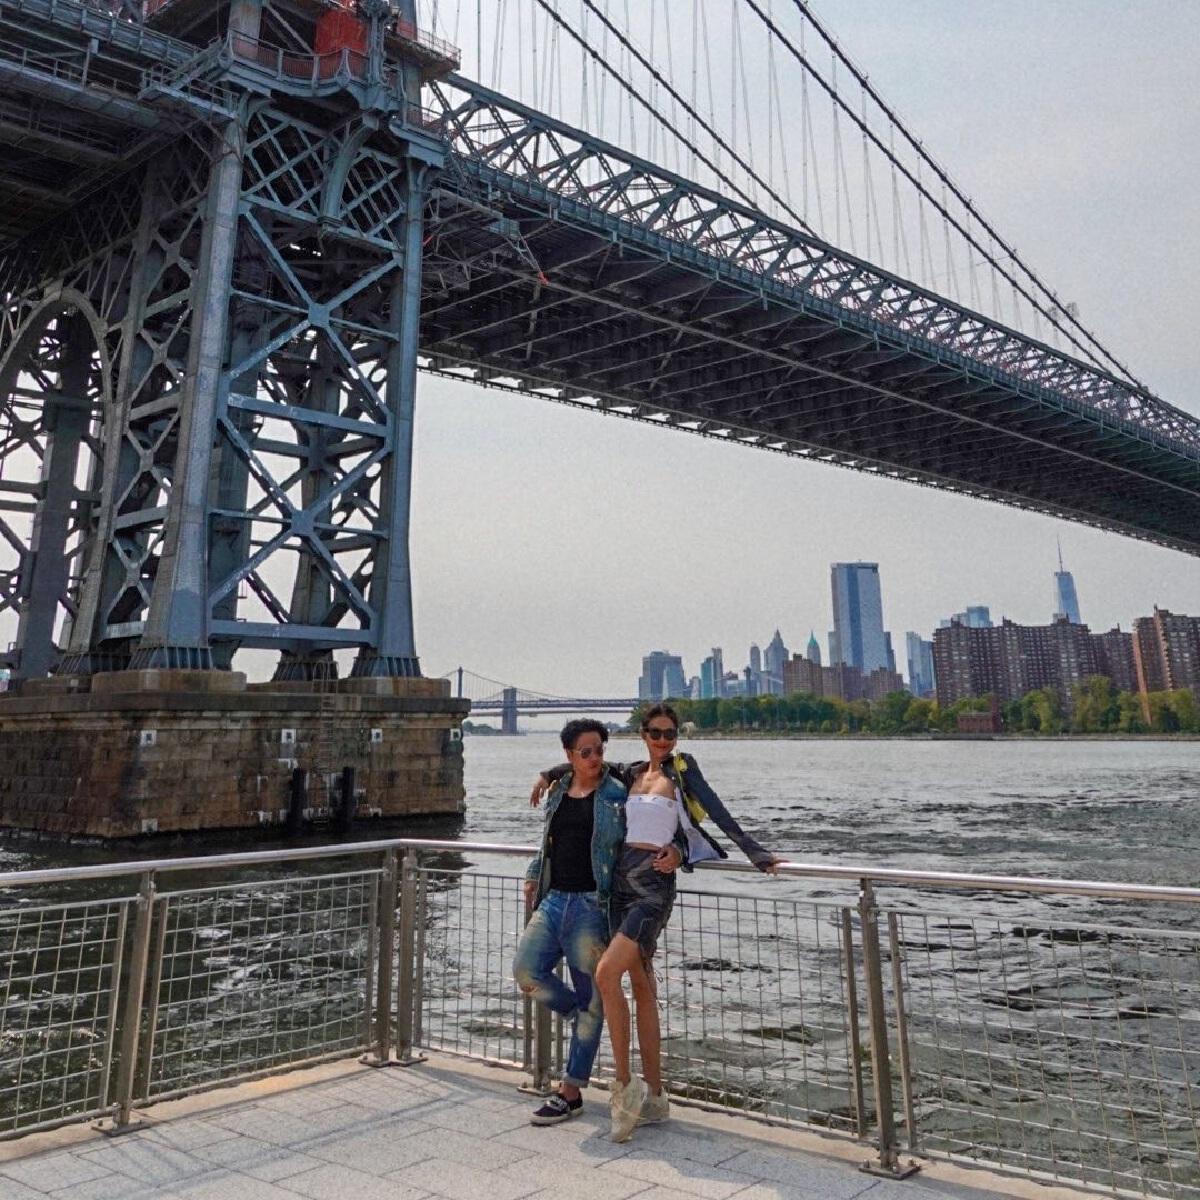 พีเค-โยเกิร์ต อดดูบรอดเวย์ที่นิวยอร์ก เพราะไม่เข้าข่ายมาตรฐานฉีดวัคซีน